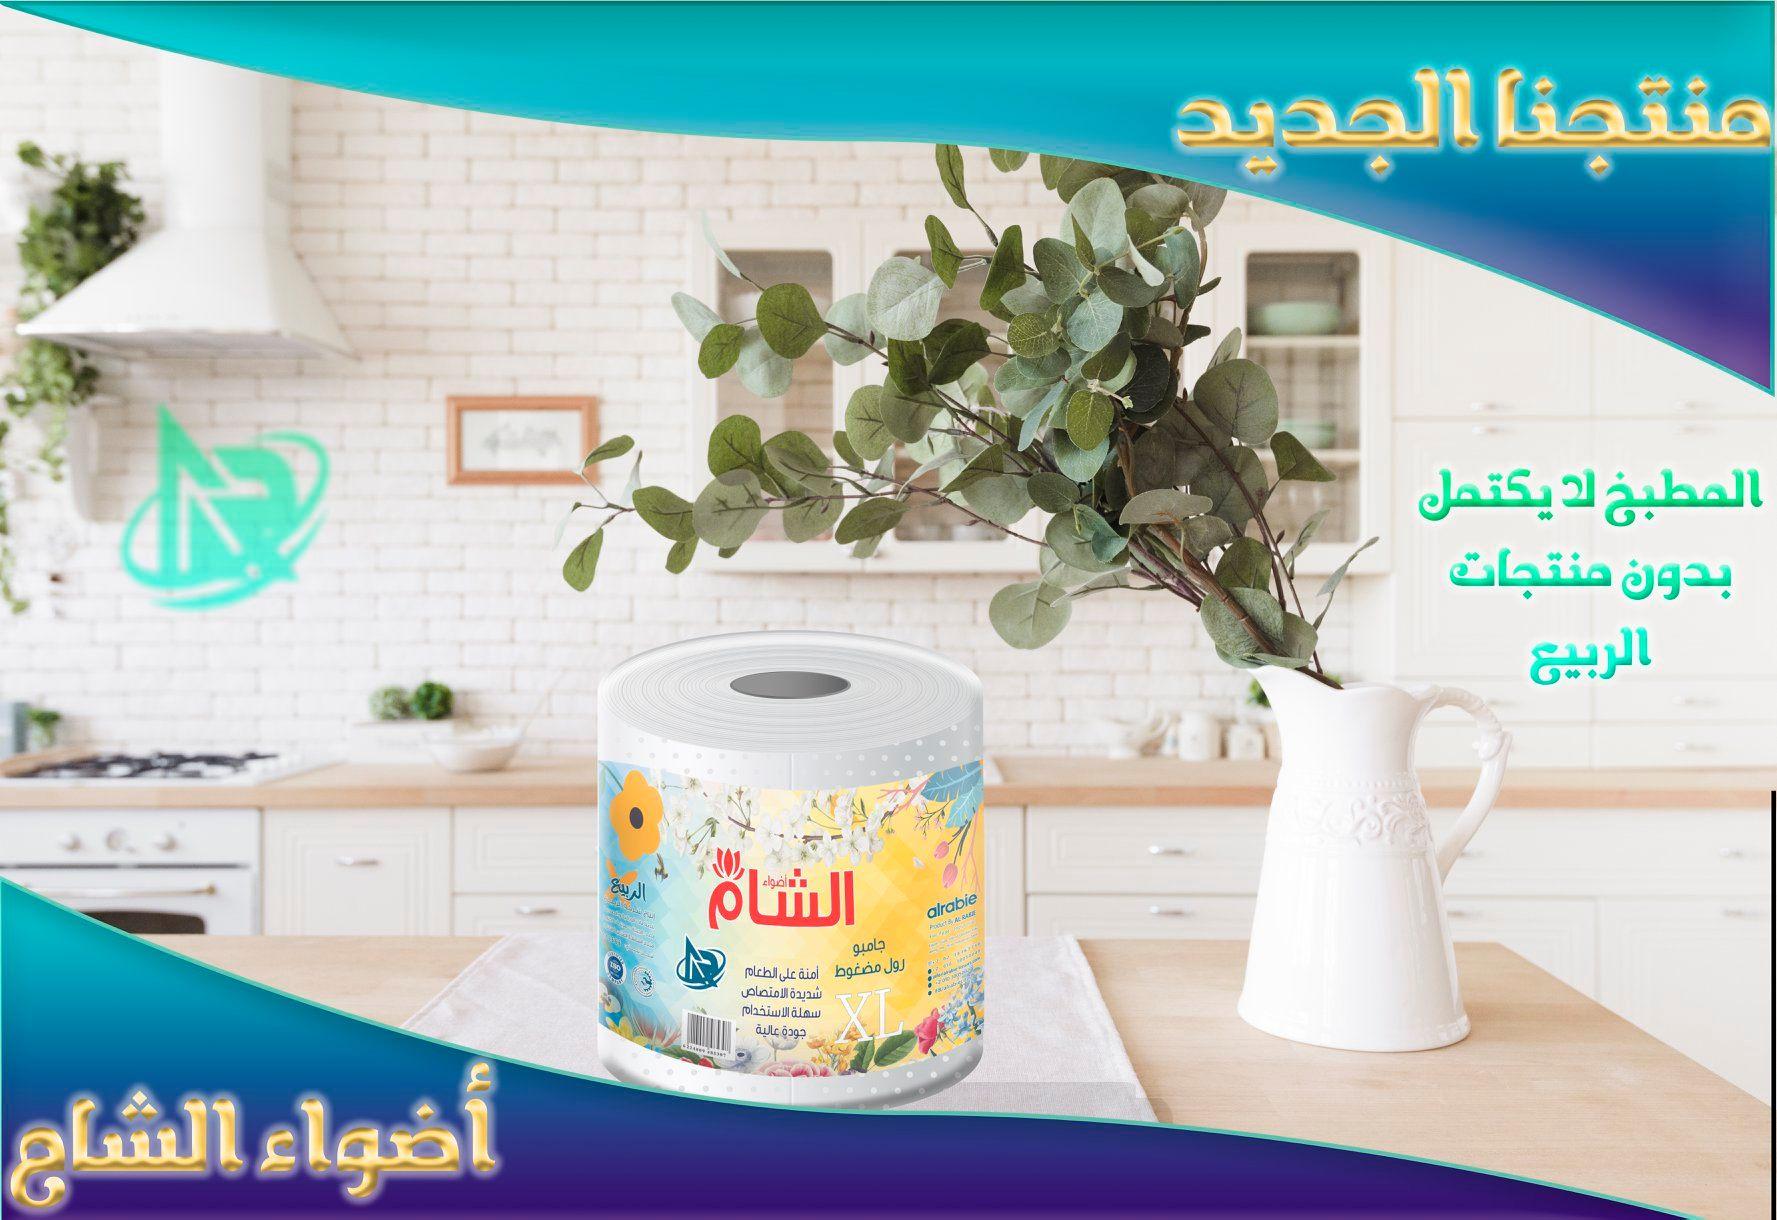 Adawaa Al sham jumbo kitchen roll 500 gram